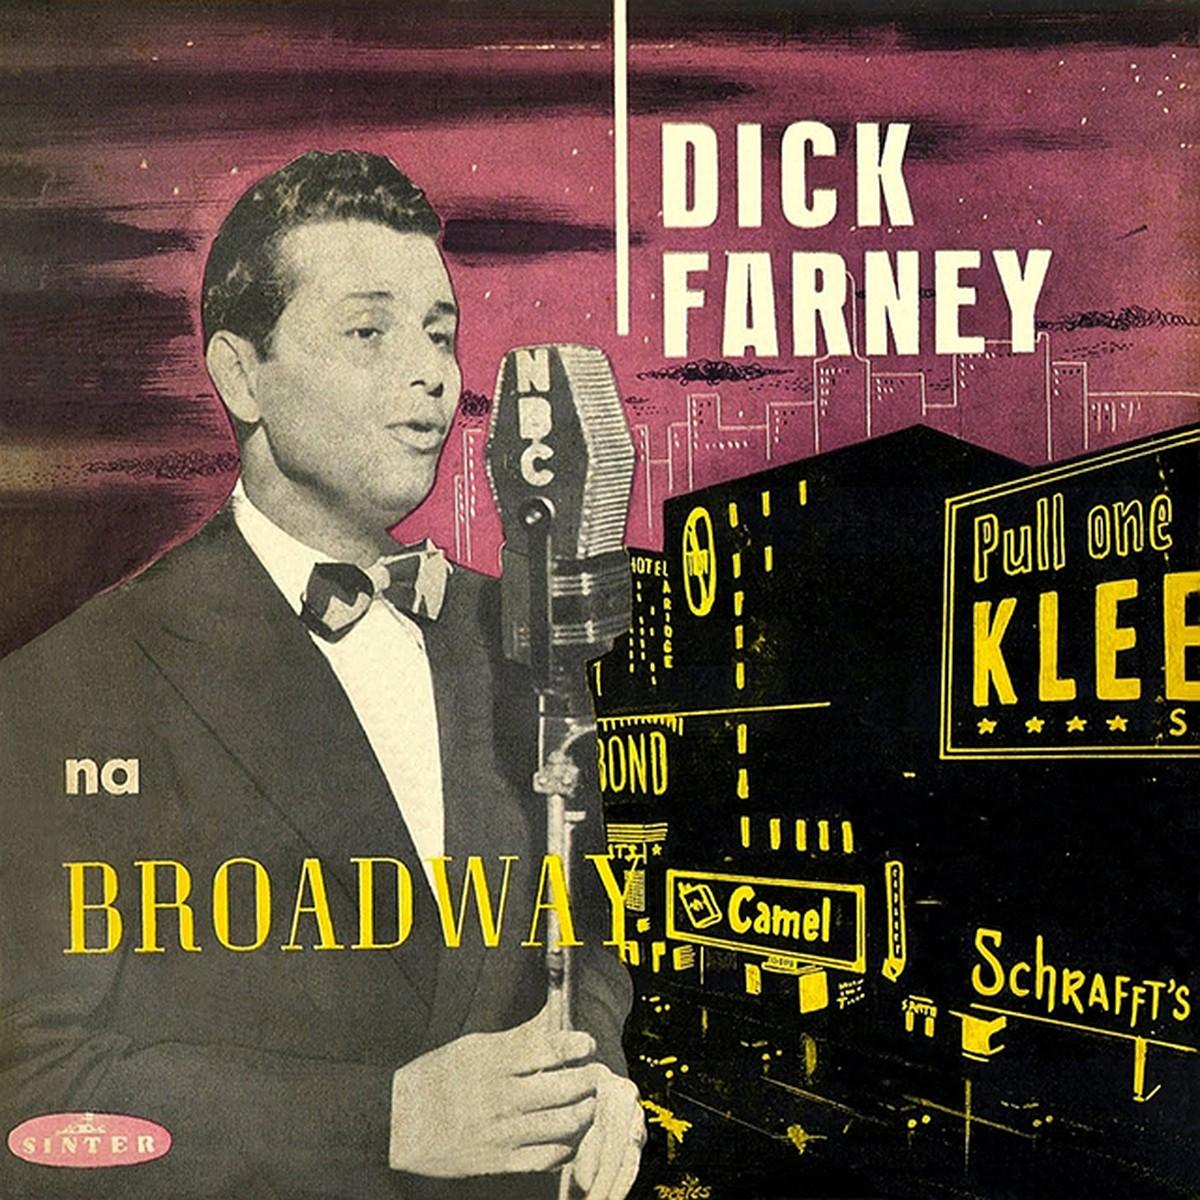 Discos para descobrir em casa – 'Dick Farney na Broadway', Dick Farney, 1954 | Blog do Mauro Ferreira